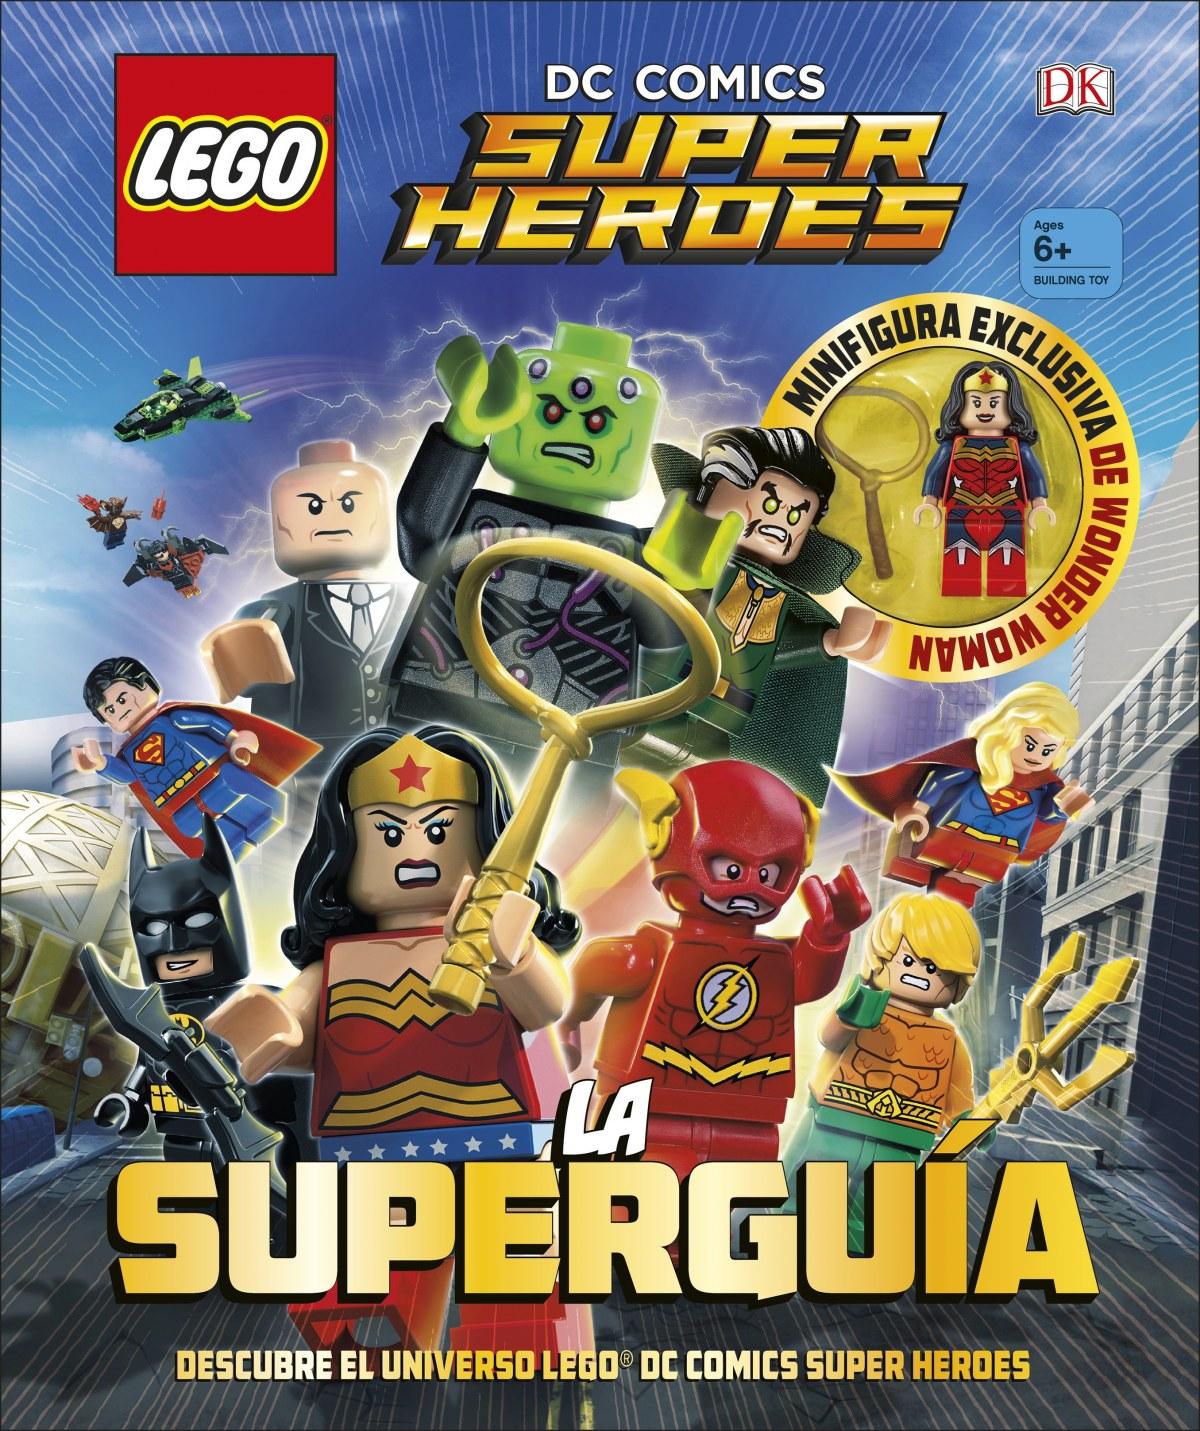 DC COMICS SUPER HEROES LA SUPERGU-A 9780241303351